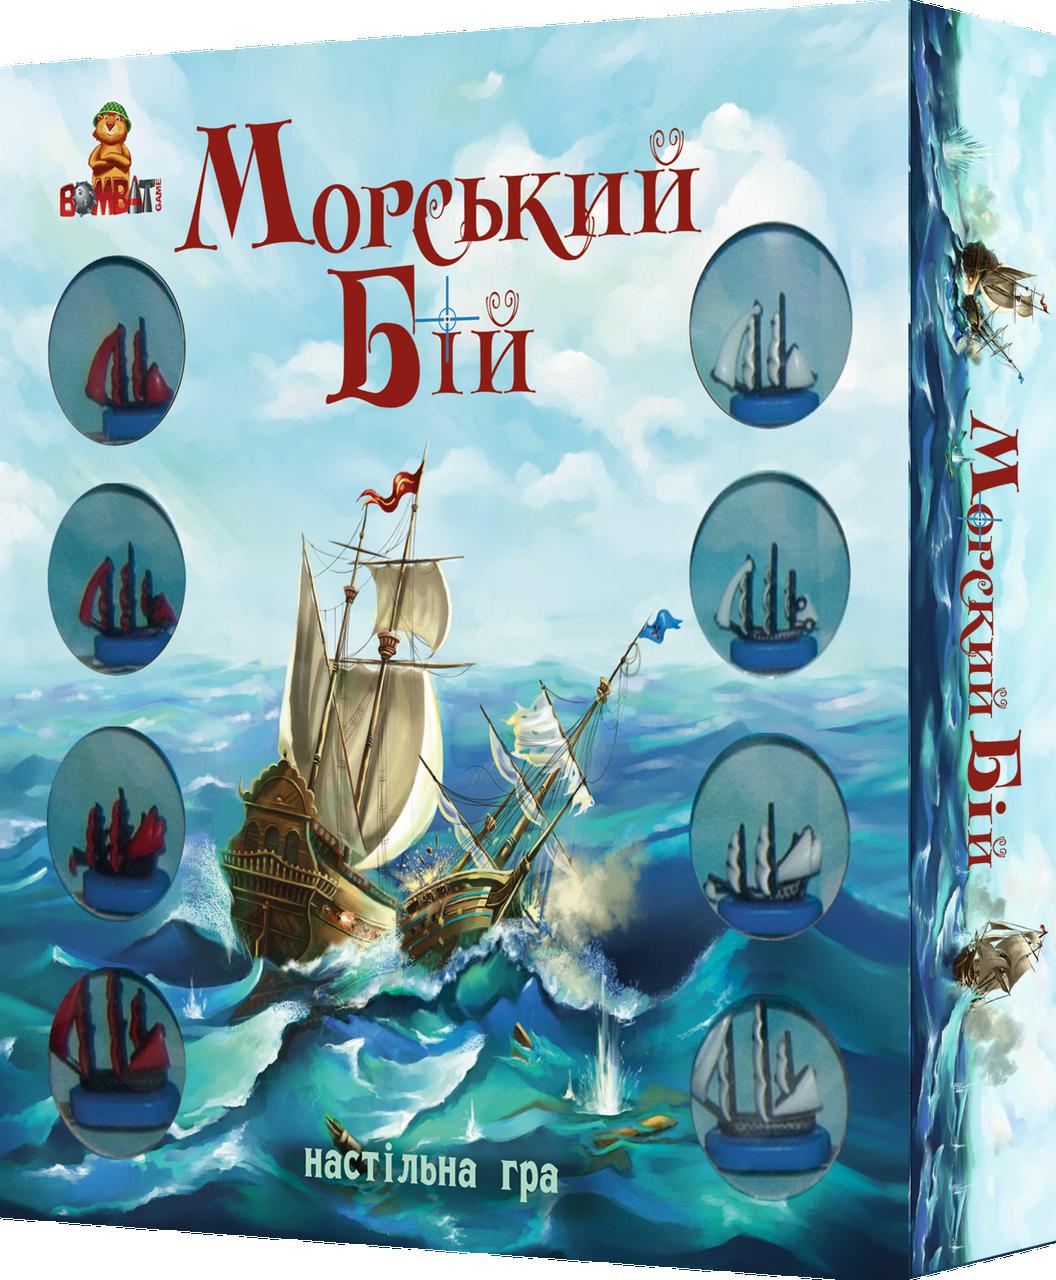 Настольная игра «Морской бой»: классика в новом формате